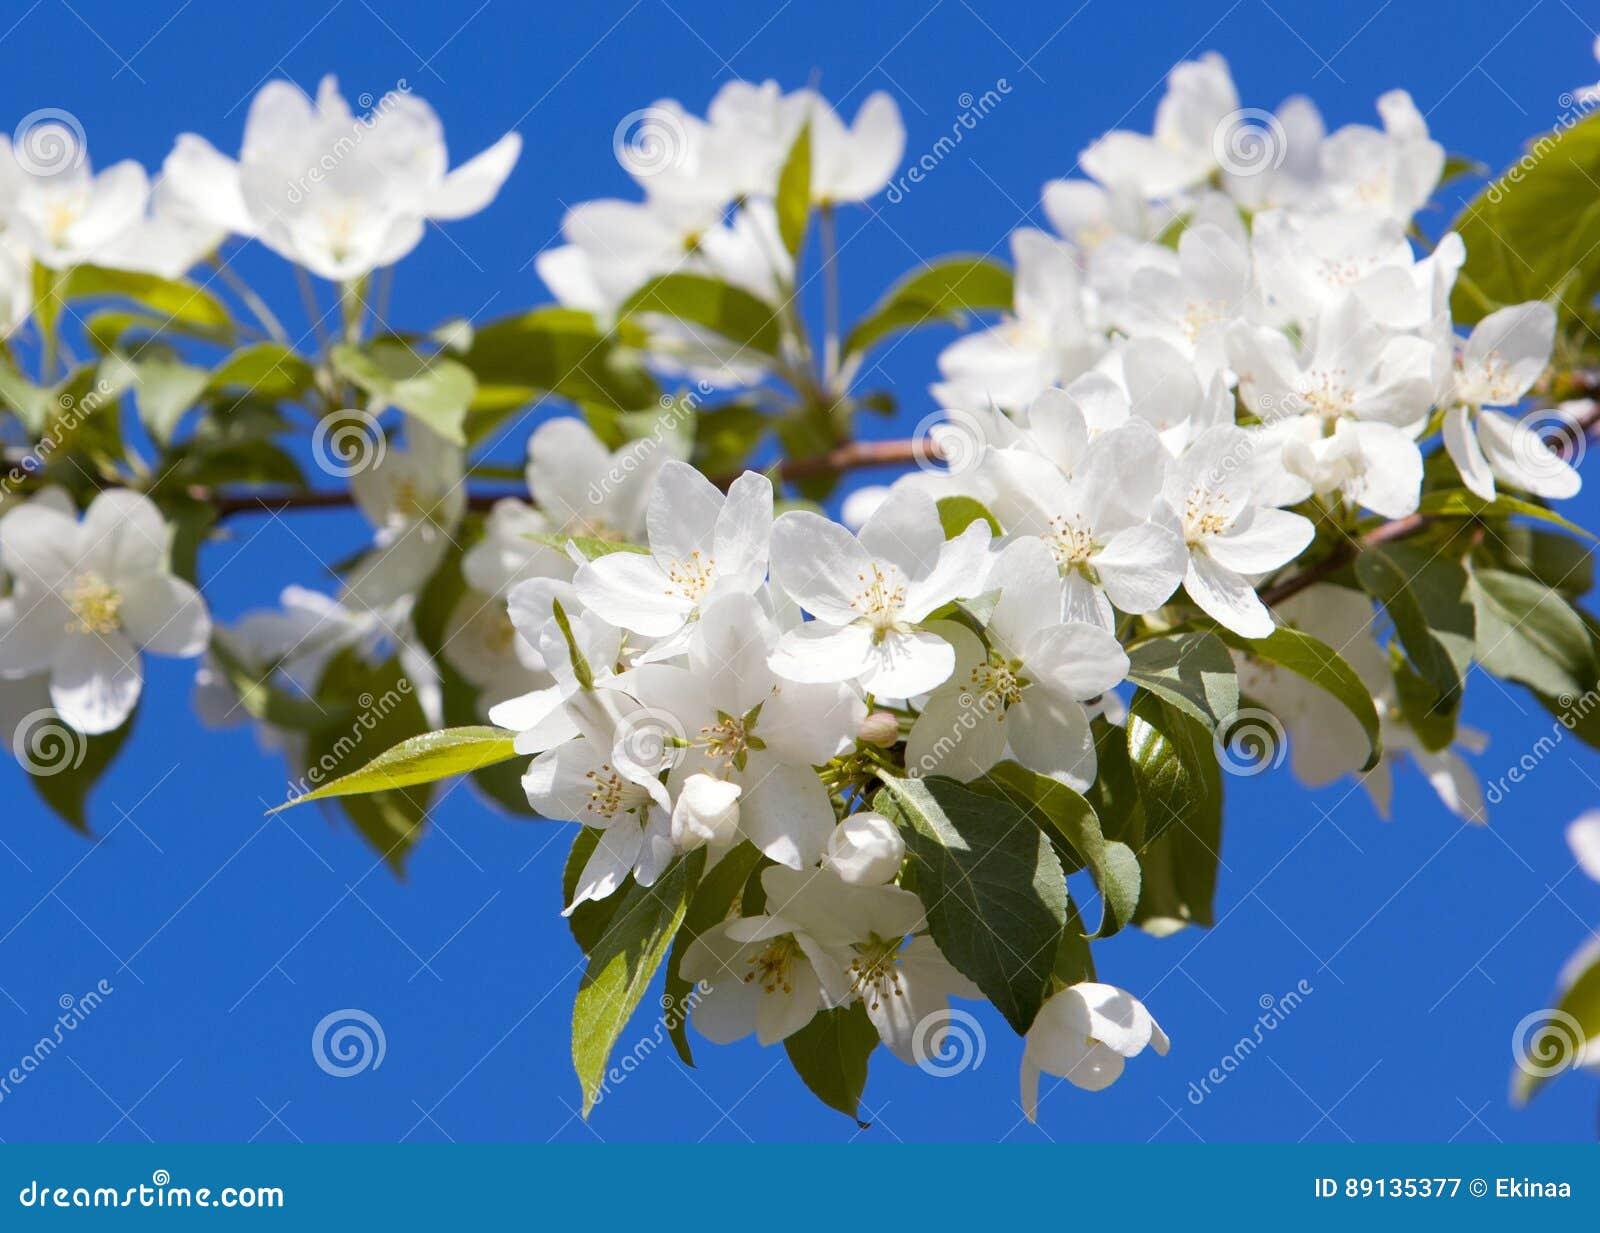 fleurs d 39 apple arbre jardin de ressort arbre de floraison pommier de fleur belle floraison des. Black Bedroom Furniture Sets. Home Design Ideas